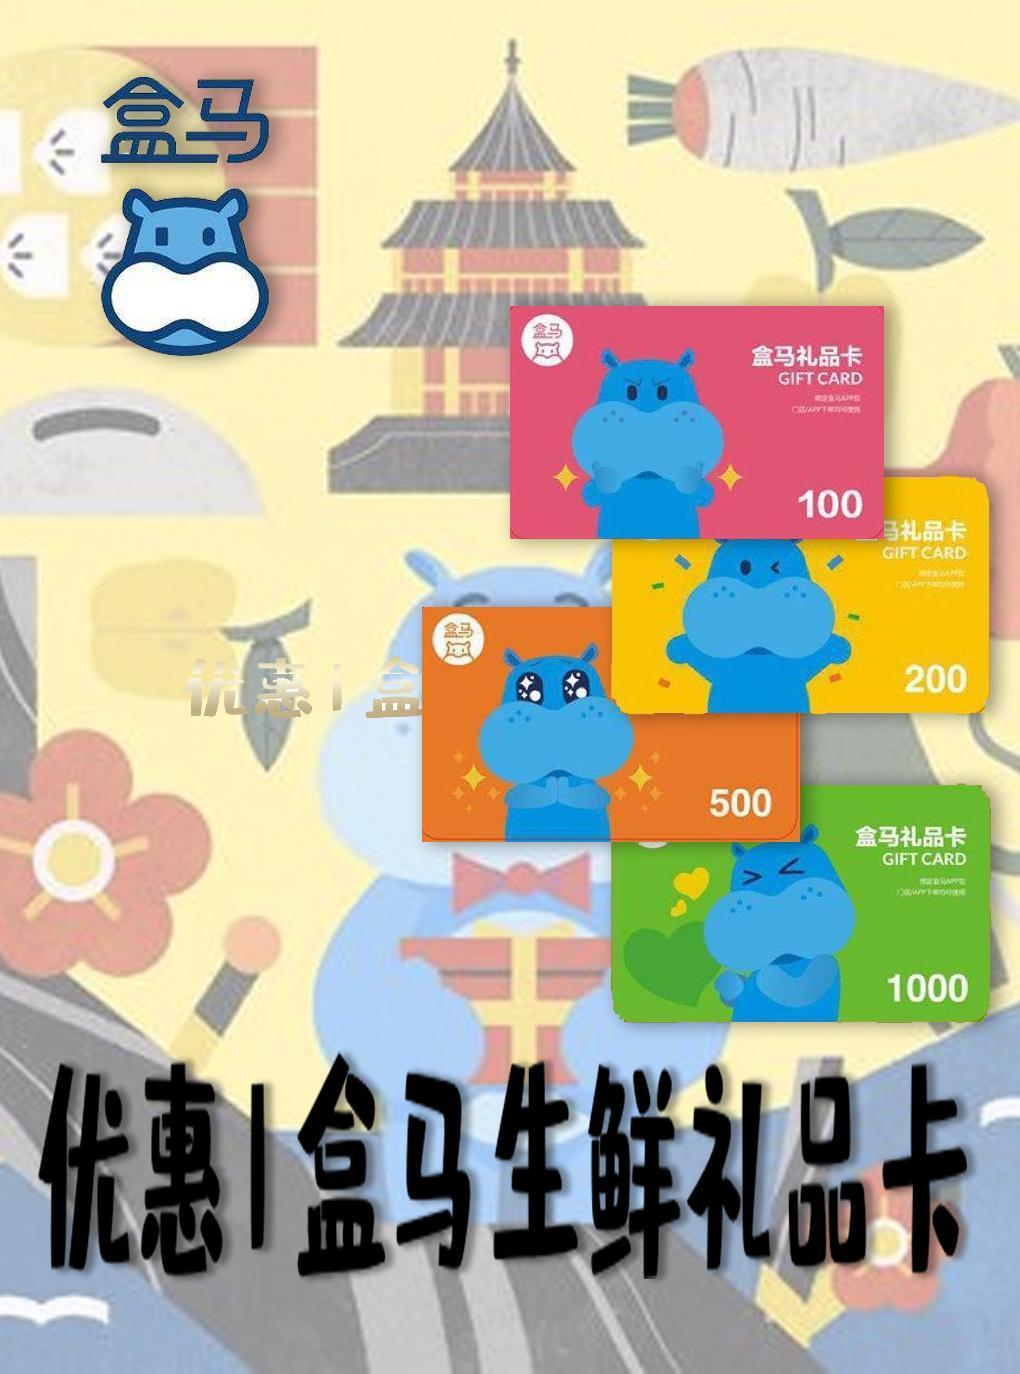 【特快发货】盒马鲜生生鲜超市礼品卡购物卡